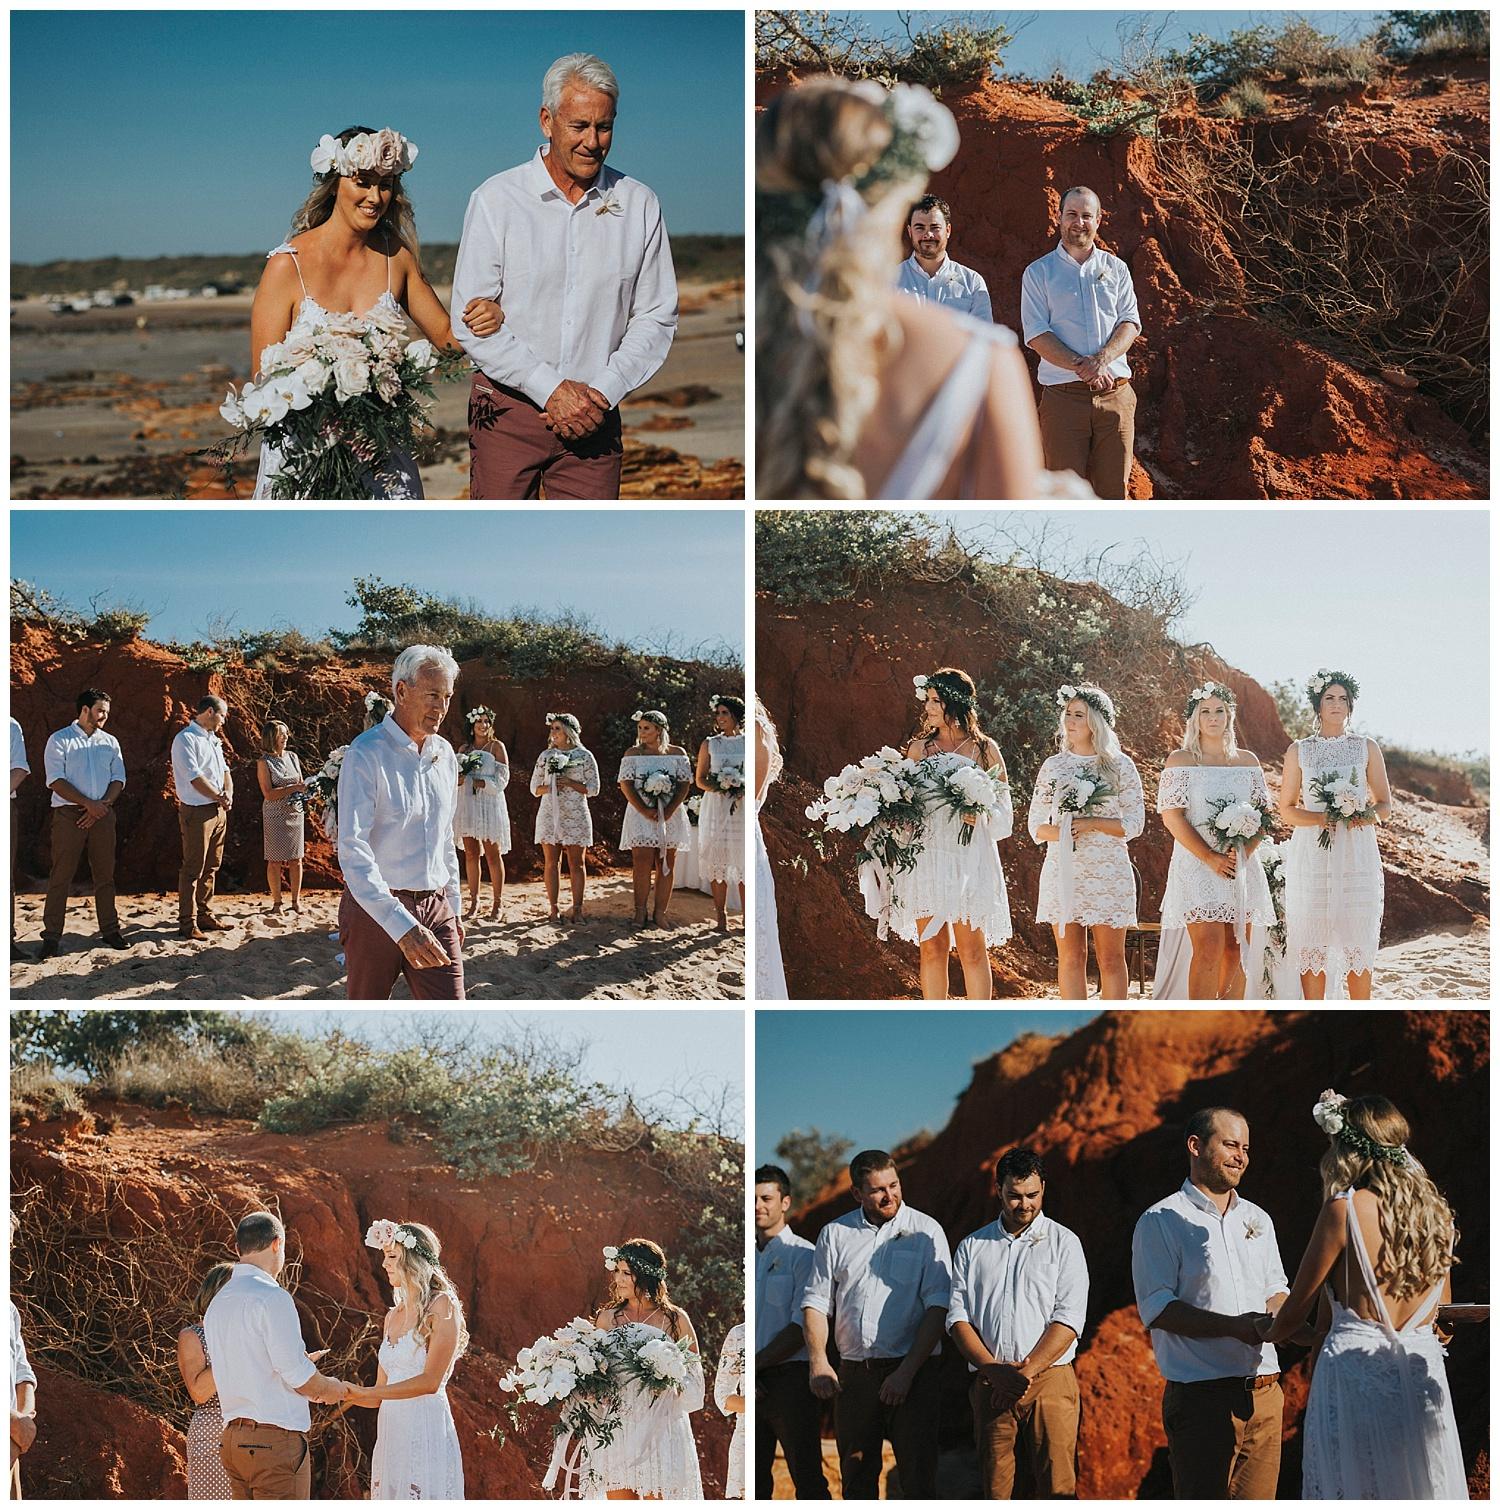 broome_wedding_keeper_creative_010.JPG